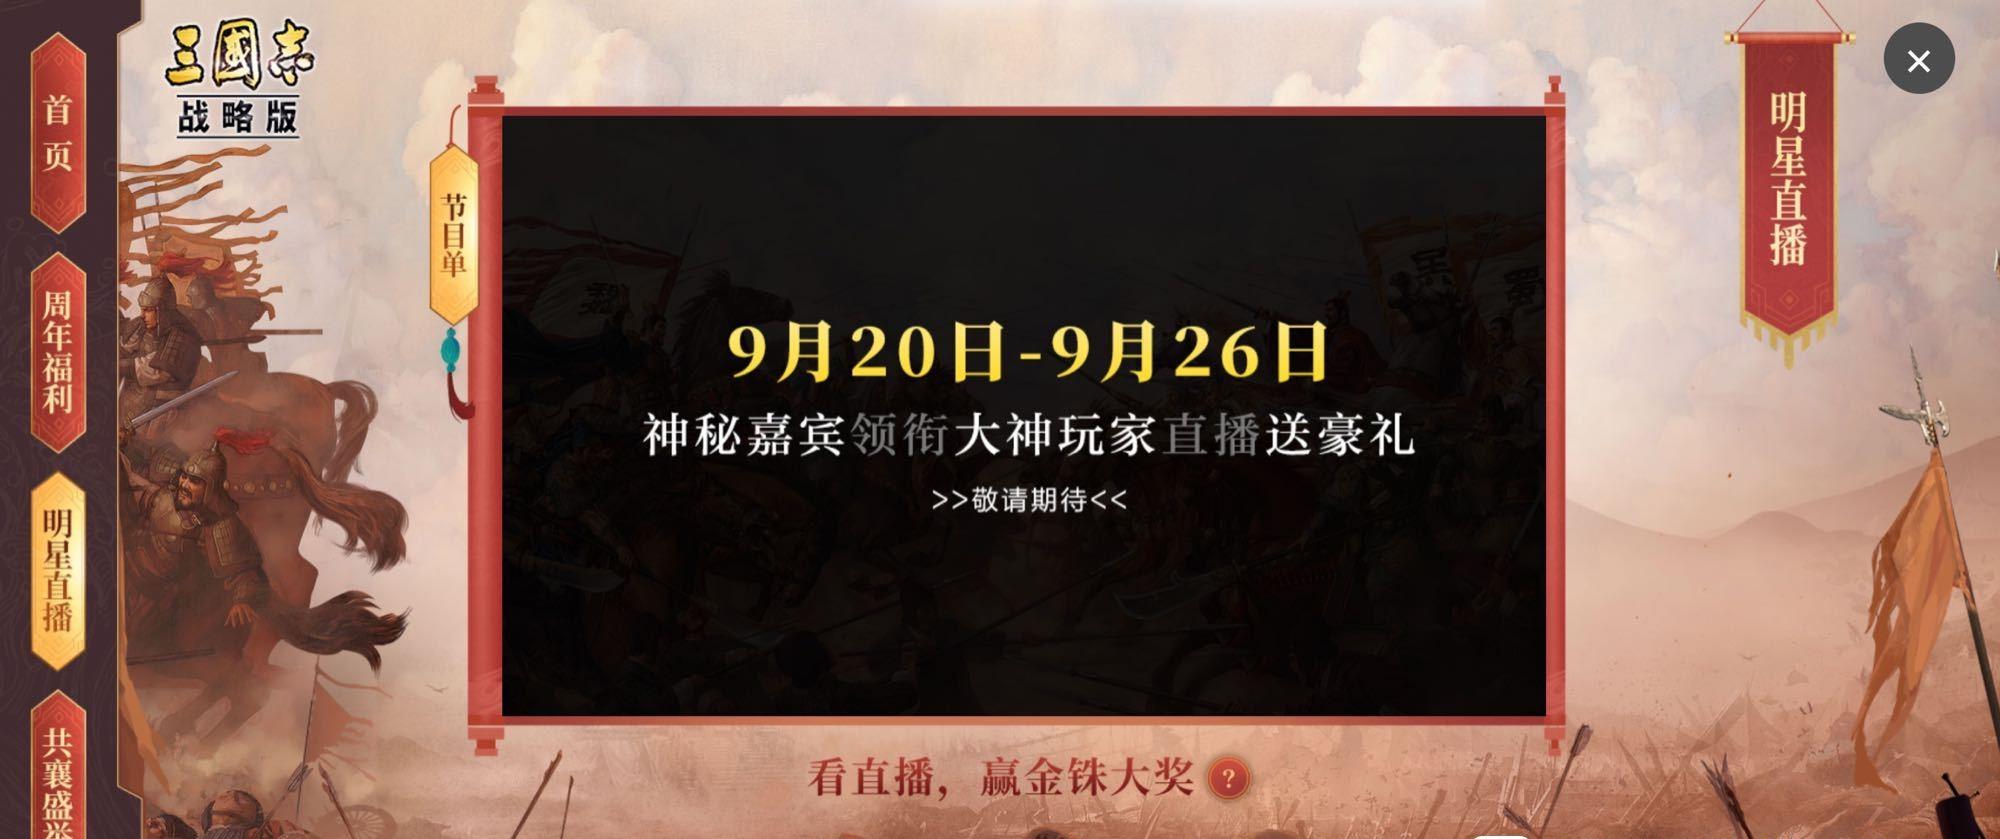 三国志战略版周年庆活动是什么 一周年庆活动介绍